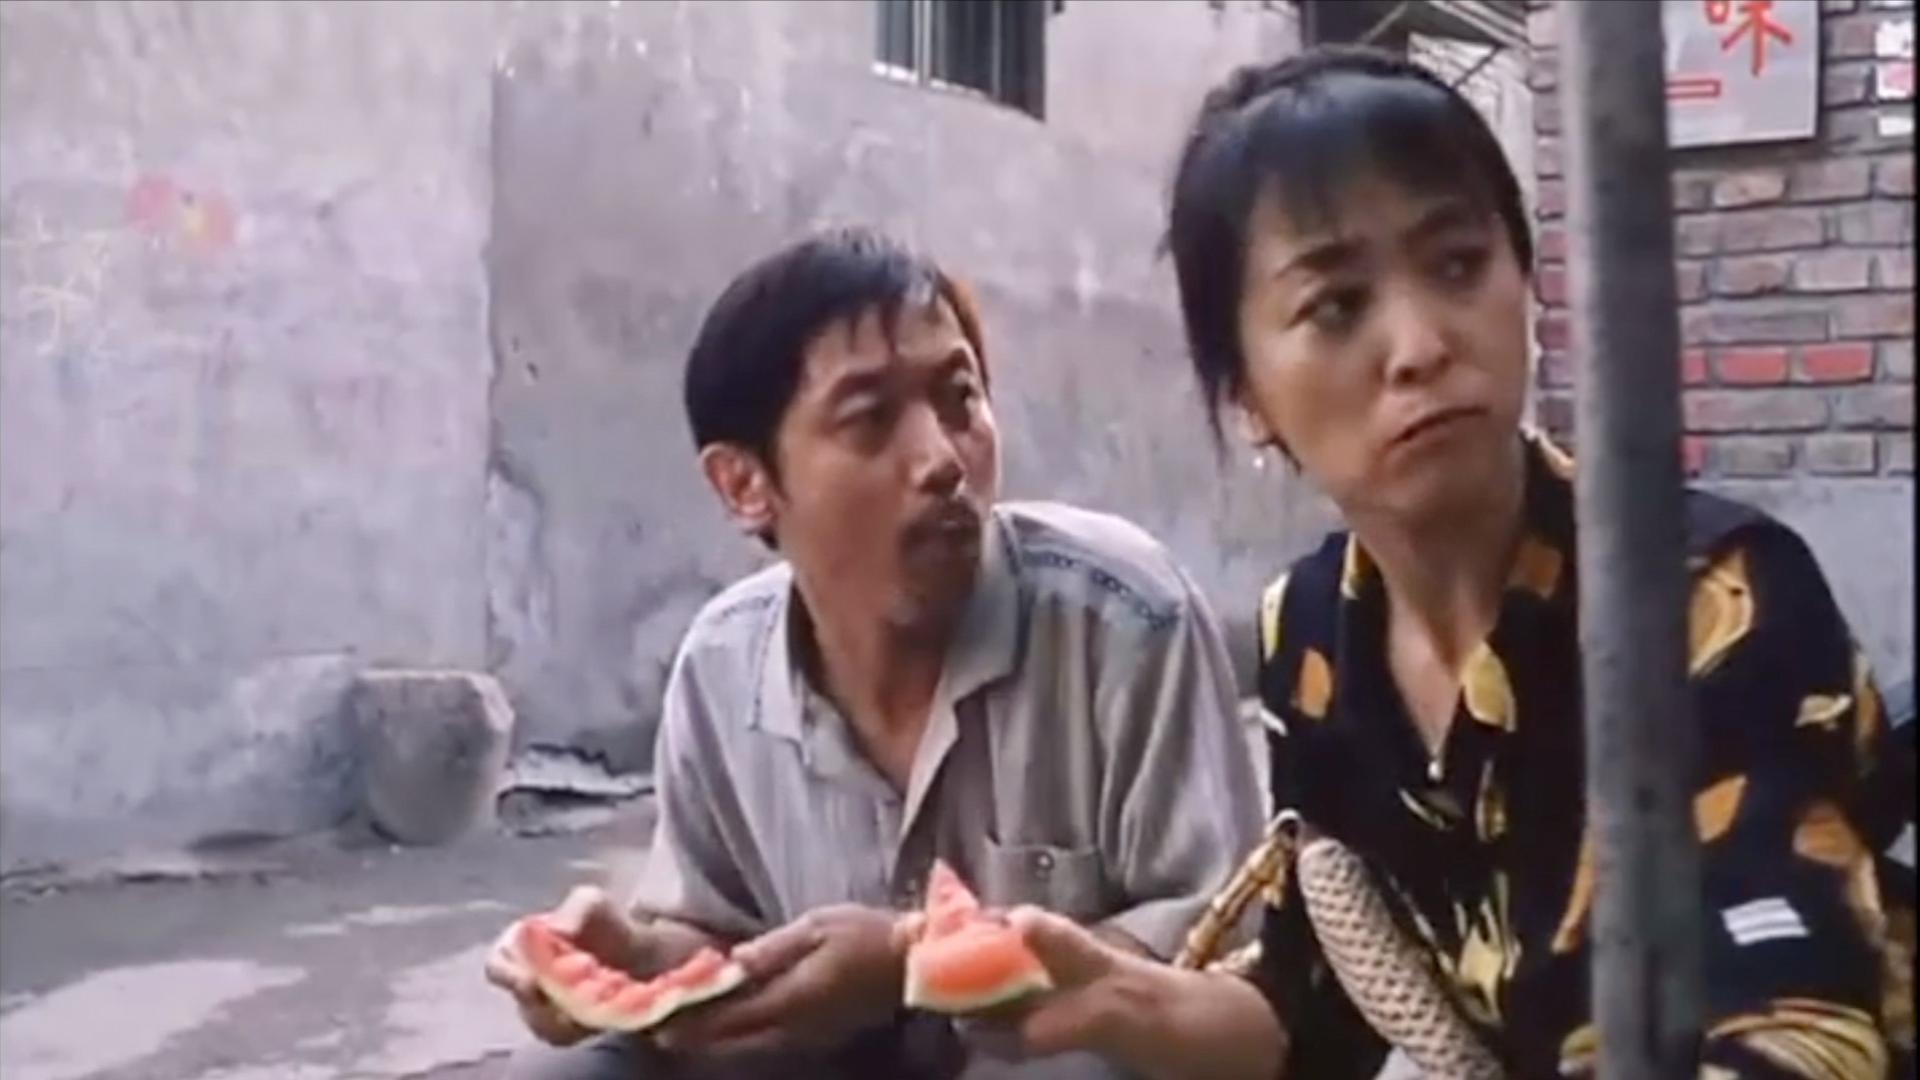 葛优吃瓜,徐峥吃肉,白家人围桌吃酒!#乐喵君啊#